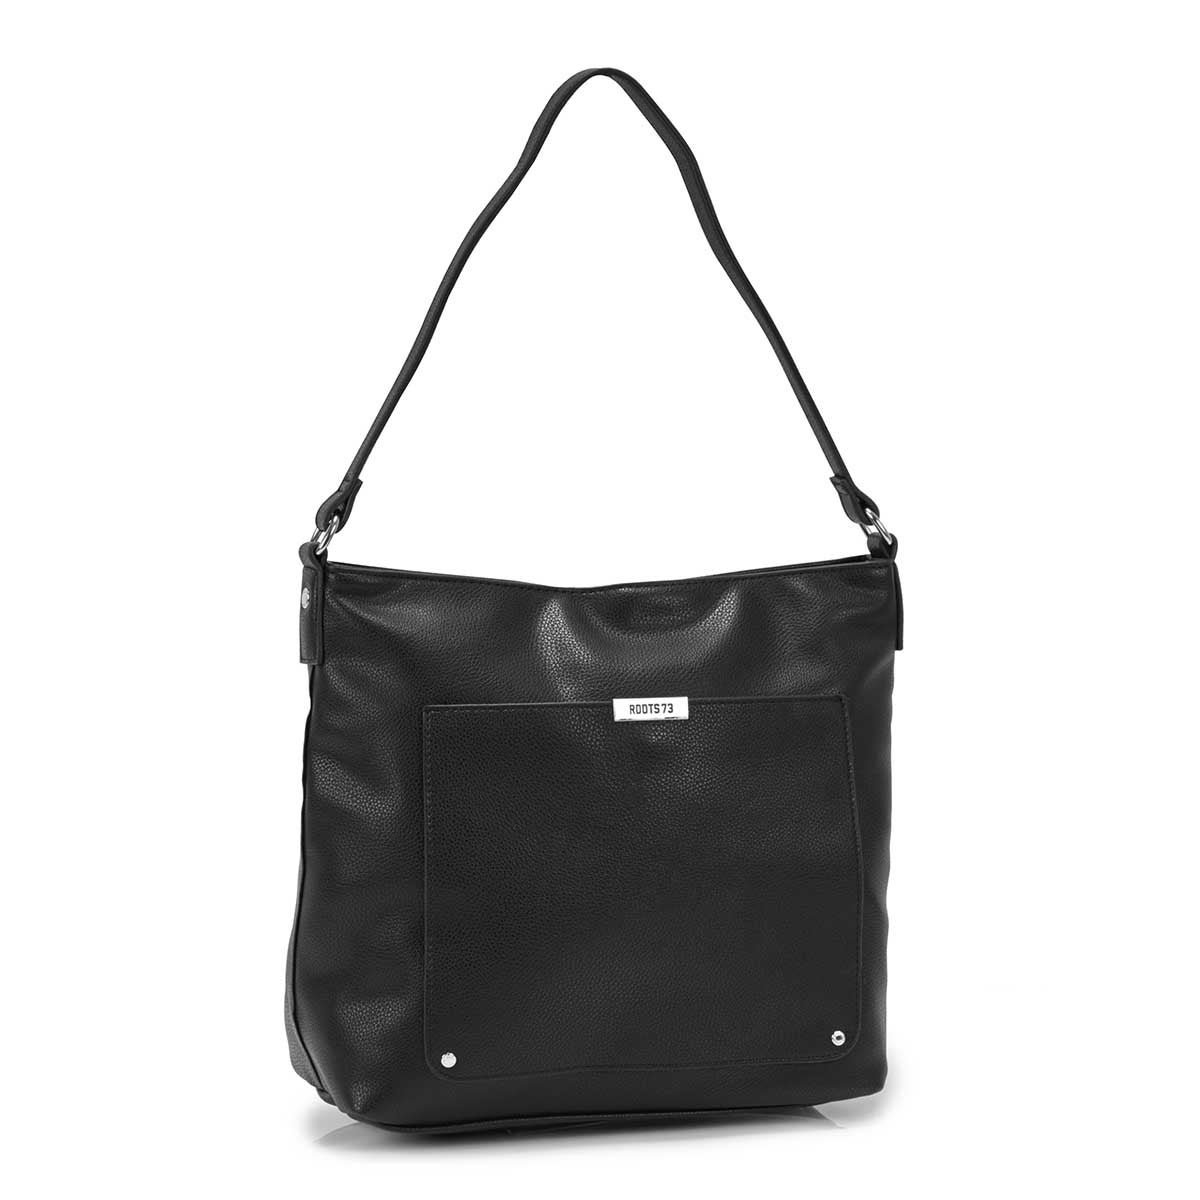 Women's R5182 black square hobo bag